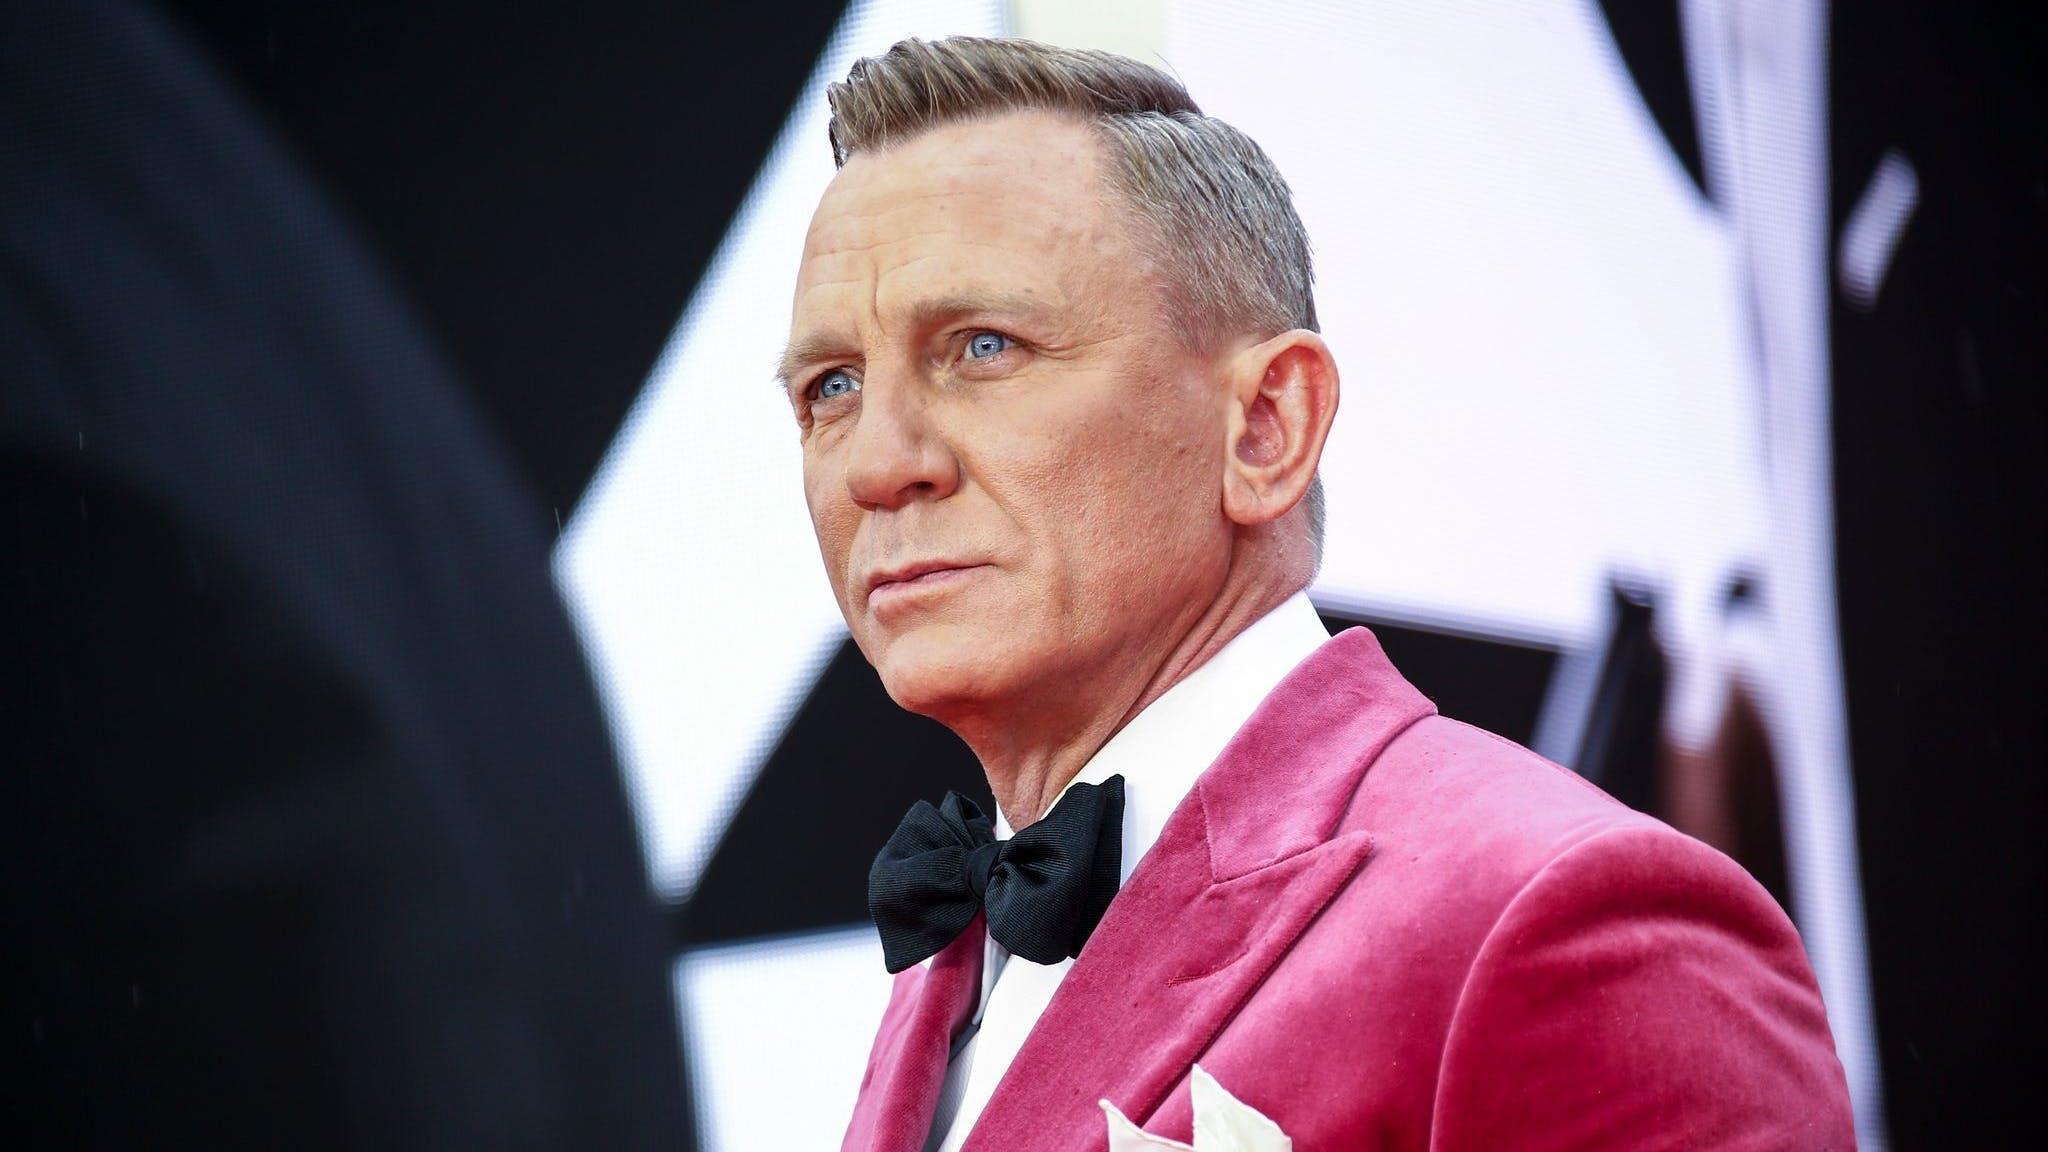 Stahlblaue Augen, weinrotes Jackett: Daniel Craig bei der Weltpremiere des lang erwarteten Bond-Films «NoTime To Die».